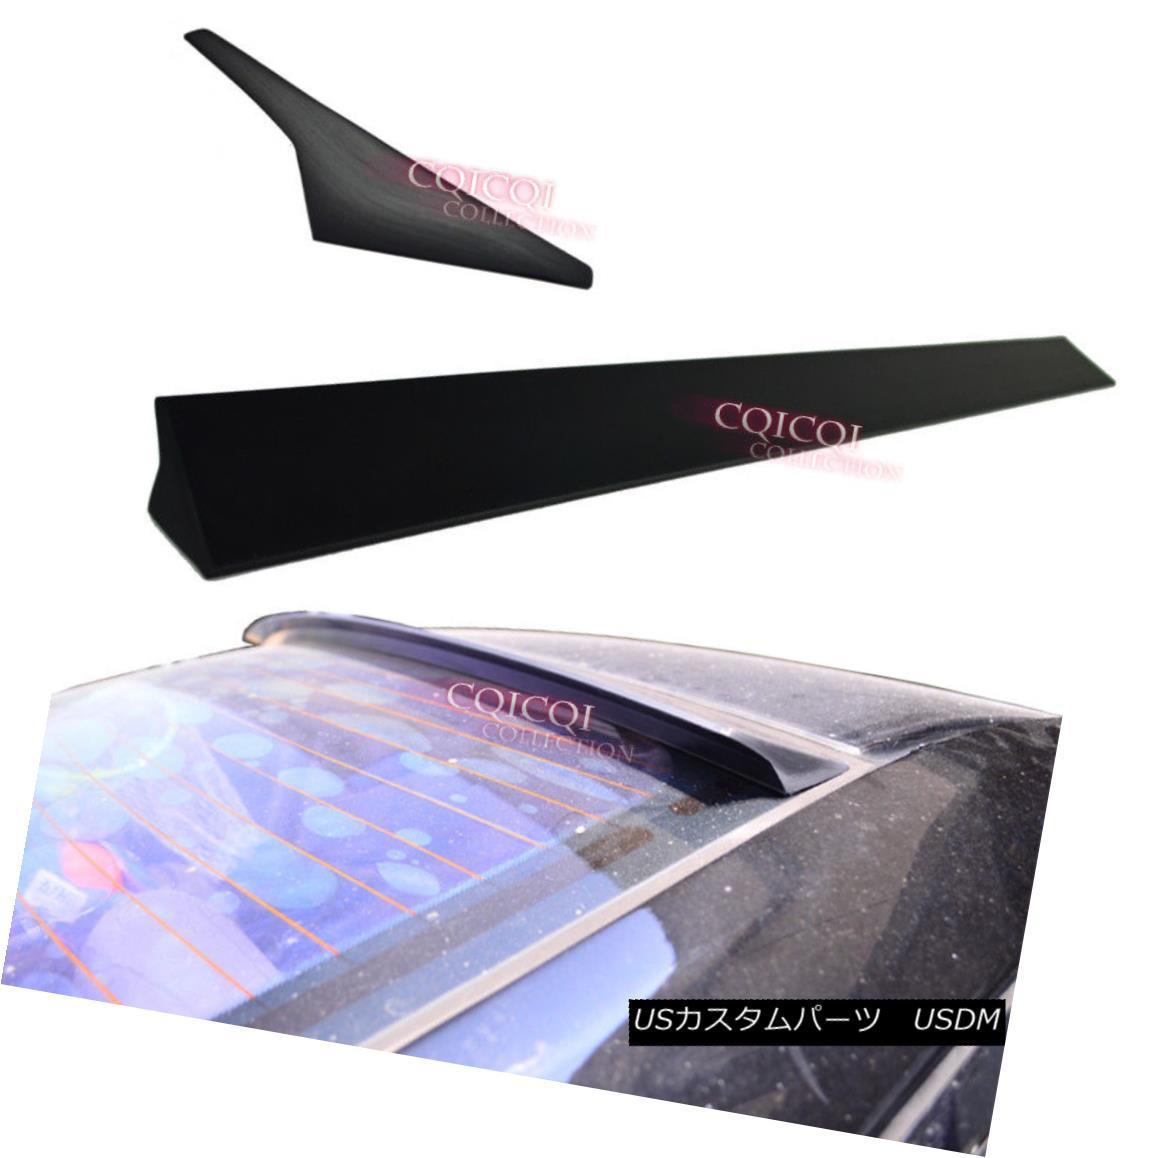 エアロパーツ Unpainted V1 type roof spoiler for Infiniti 2009~2014 G37 2D coupe G37S ◎ インフィニティ用無塗装V1タイプルーフスポイラー2009?2014 G37 2DクーペG37S?